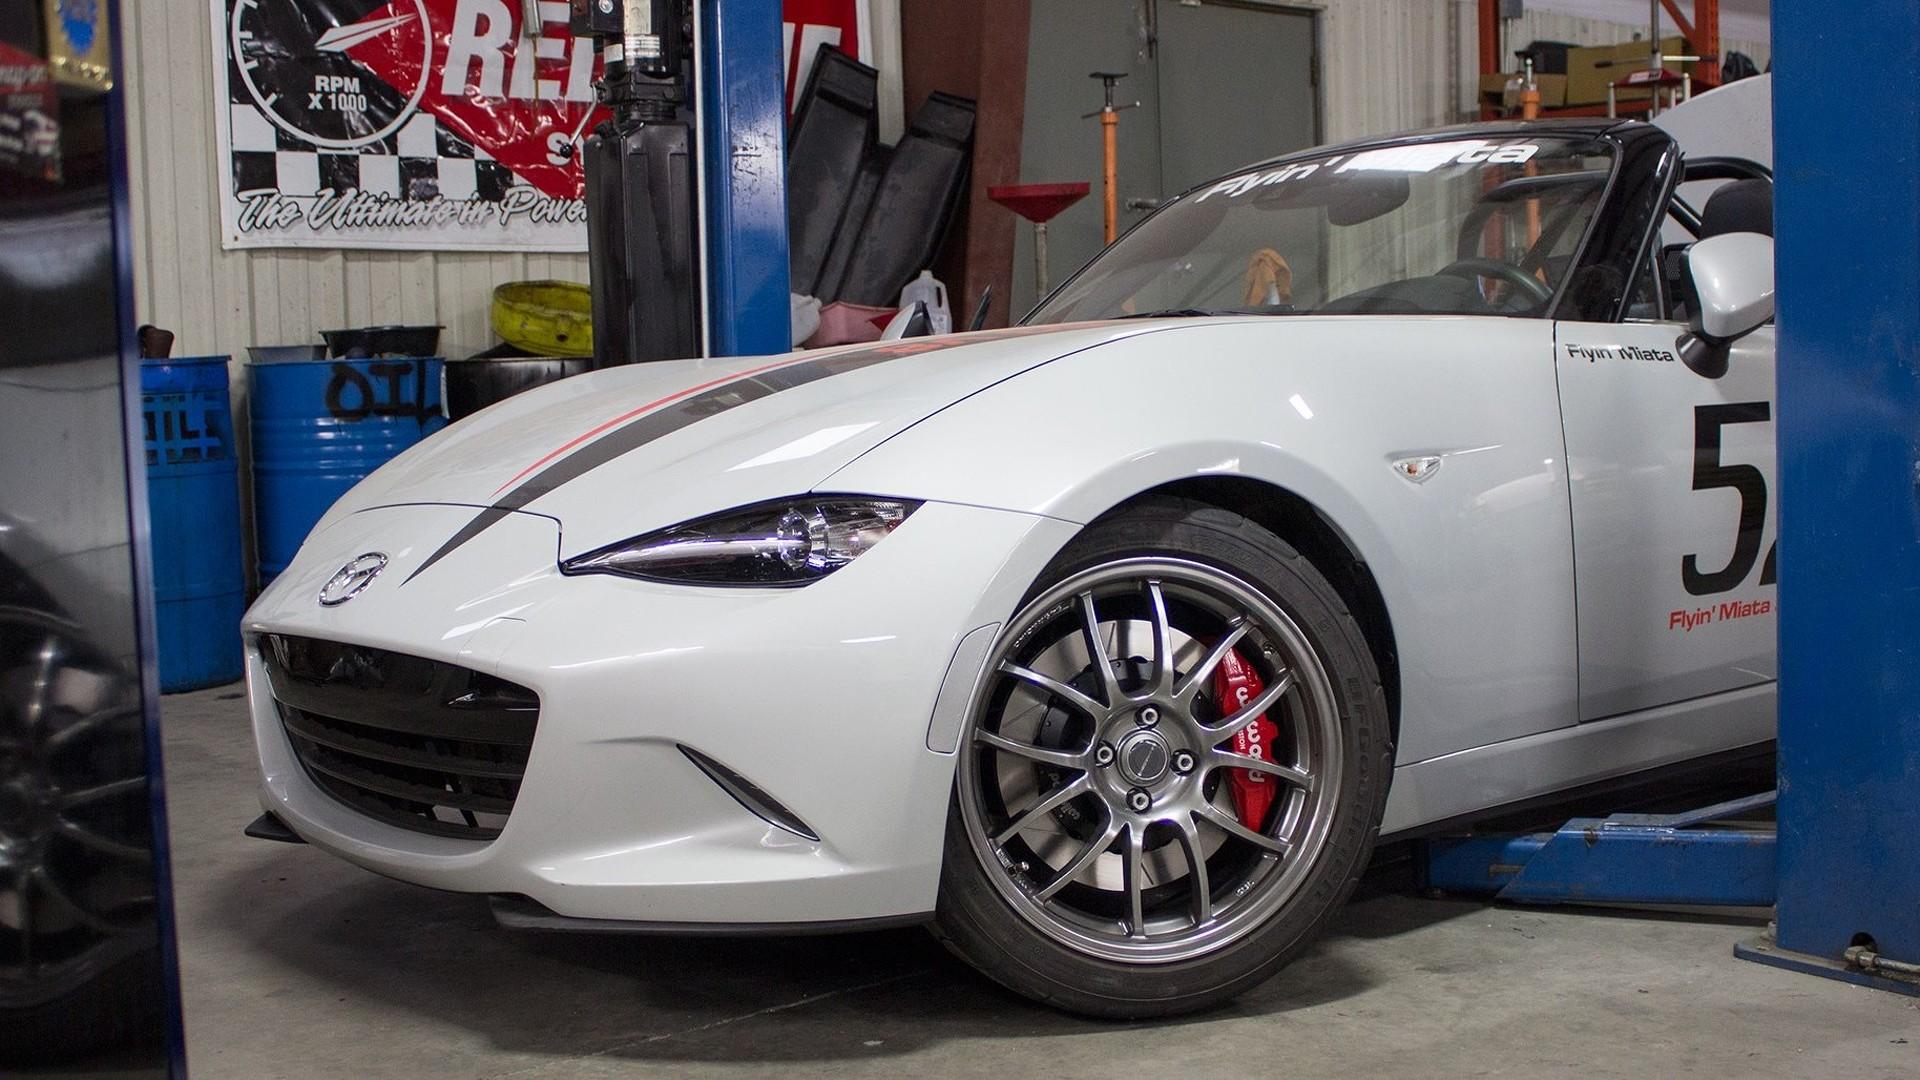 2016 Mazda MX-5 gets LS3 V8 conversion - the perfect car